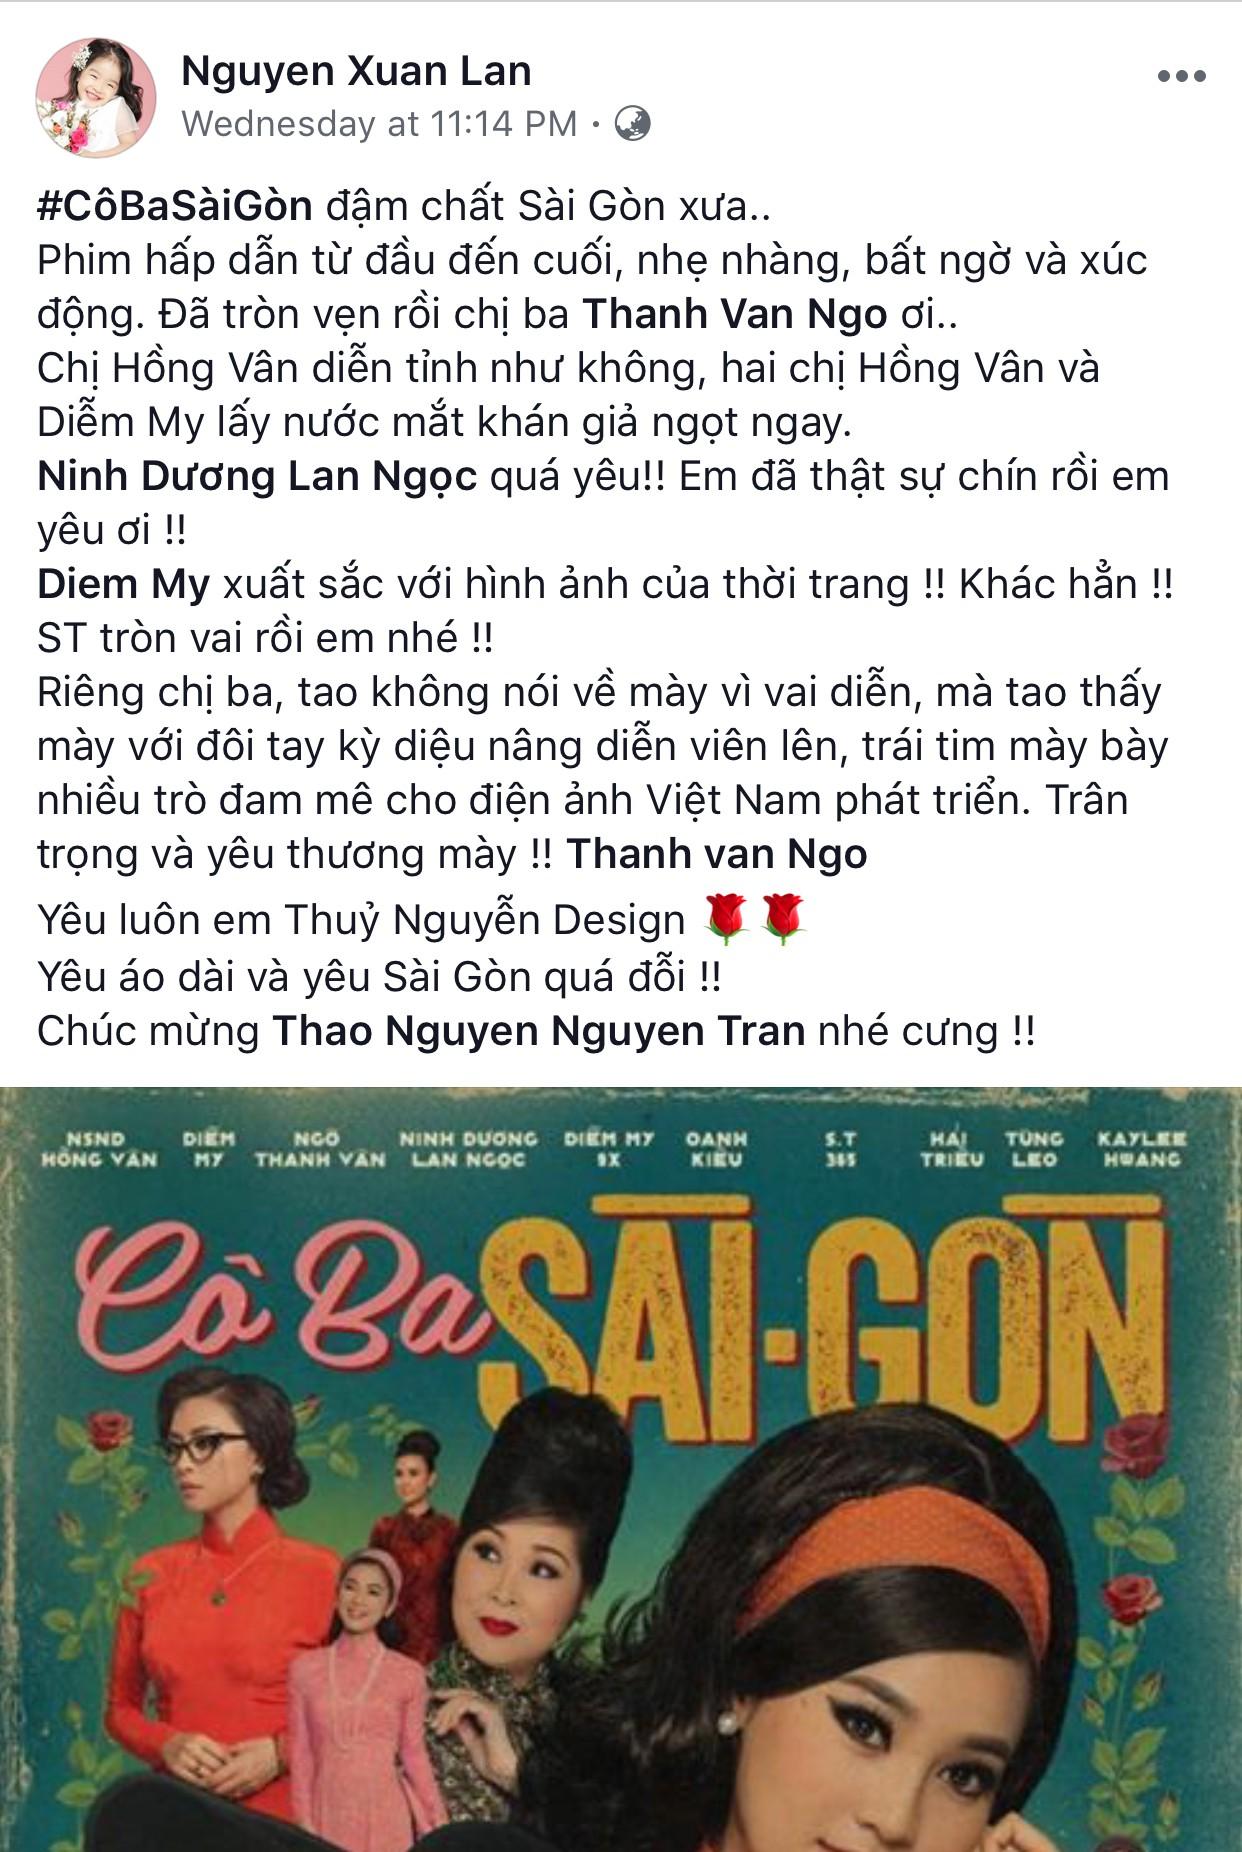 Tăng Thanh Hà, Lương Mạnh Hải và nhiều sao Việt đồng loạt khen ngợi Cô Ba Sài Gòn hết lời - Ảnh 19.